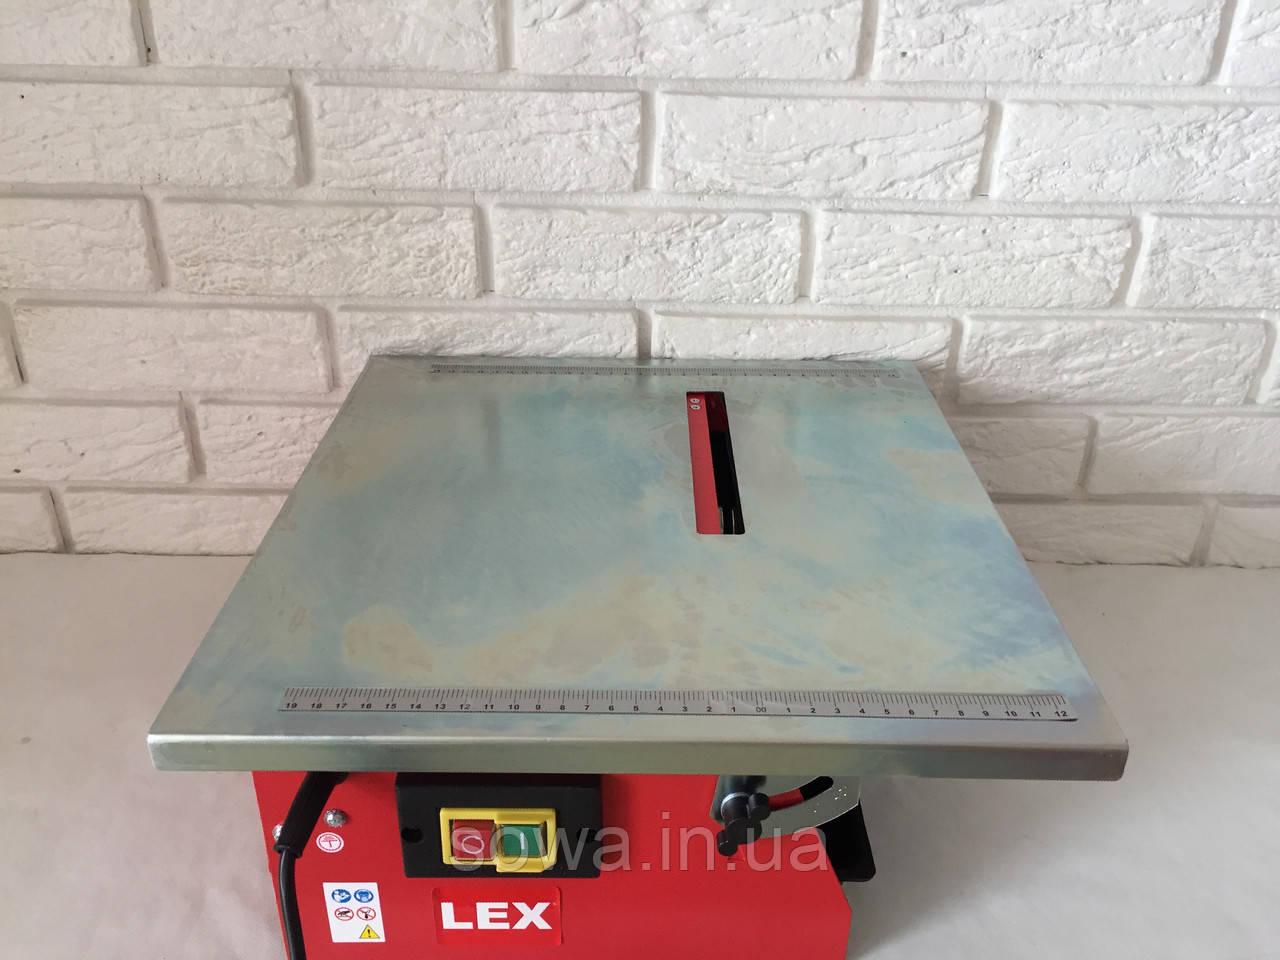 ✔️ Плиткорез электрический, Электроплиткорез - LEX LXSM16